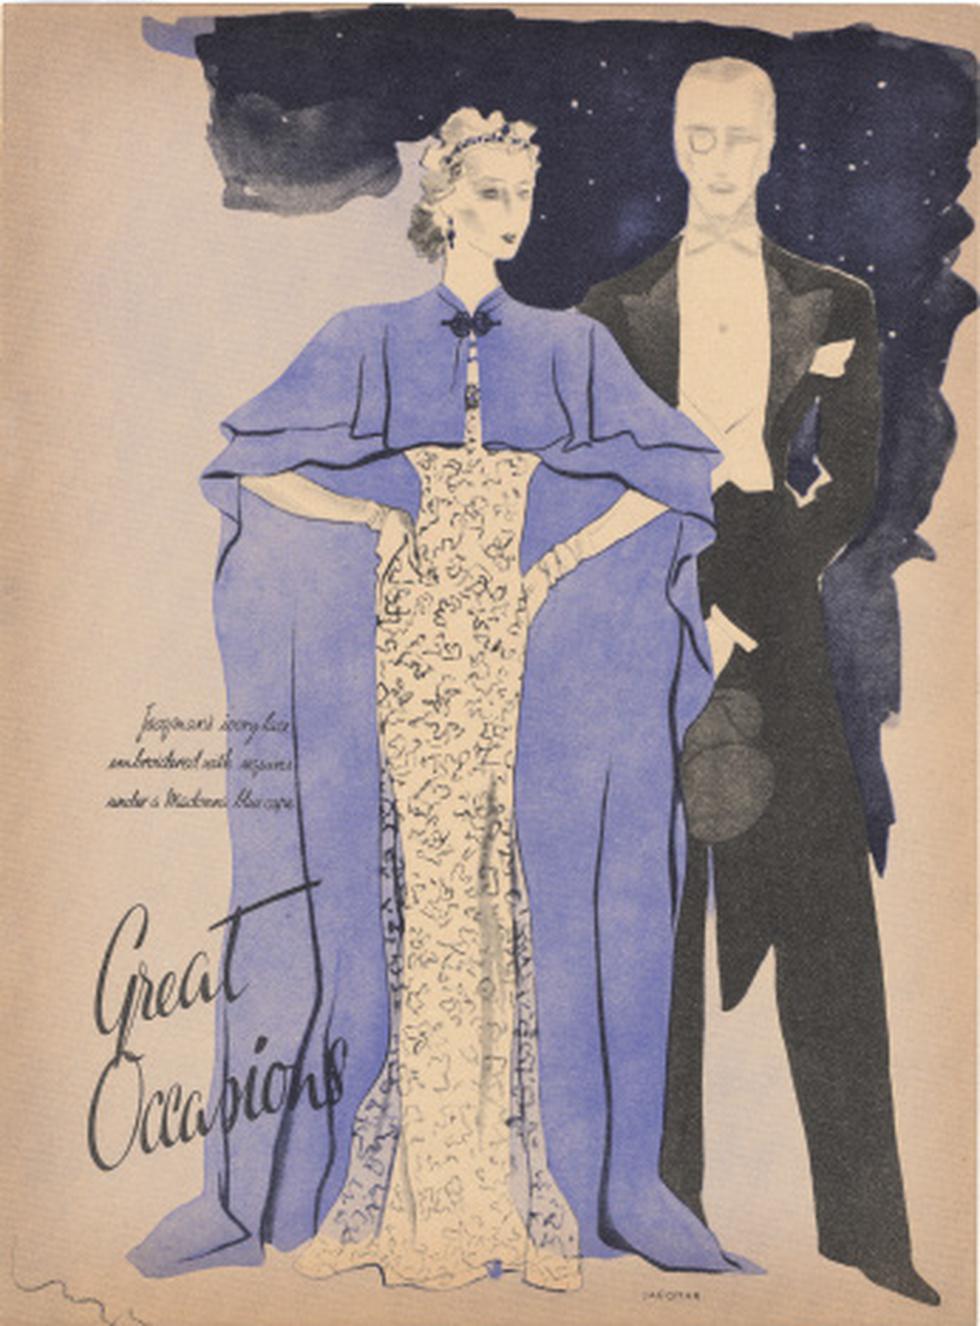 """""""Great Occasions"""". Diseños de trajes de noche concebidos por Jacqmar e ilustrados por Luza en 1937. (Reynaldo Luza. Pintura y diseño)"""